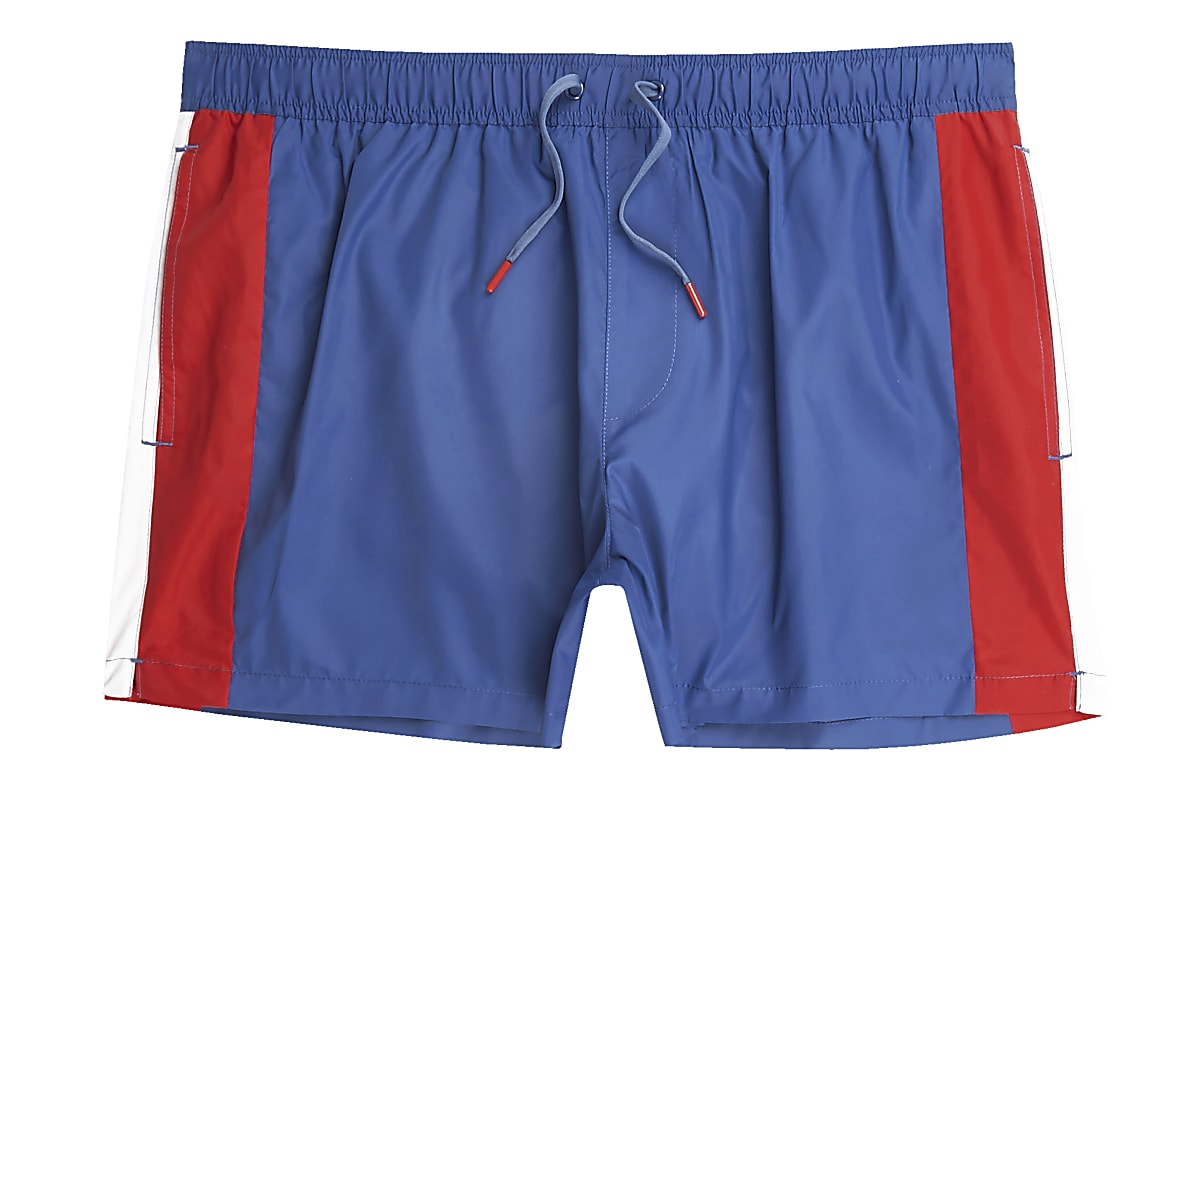 Short de bain colour block bleu et rouge